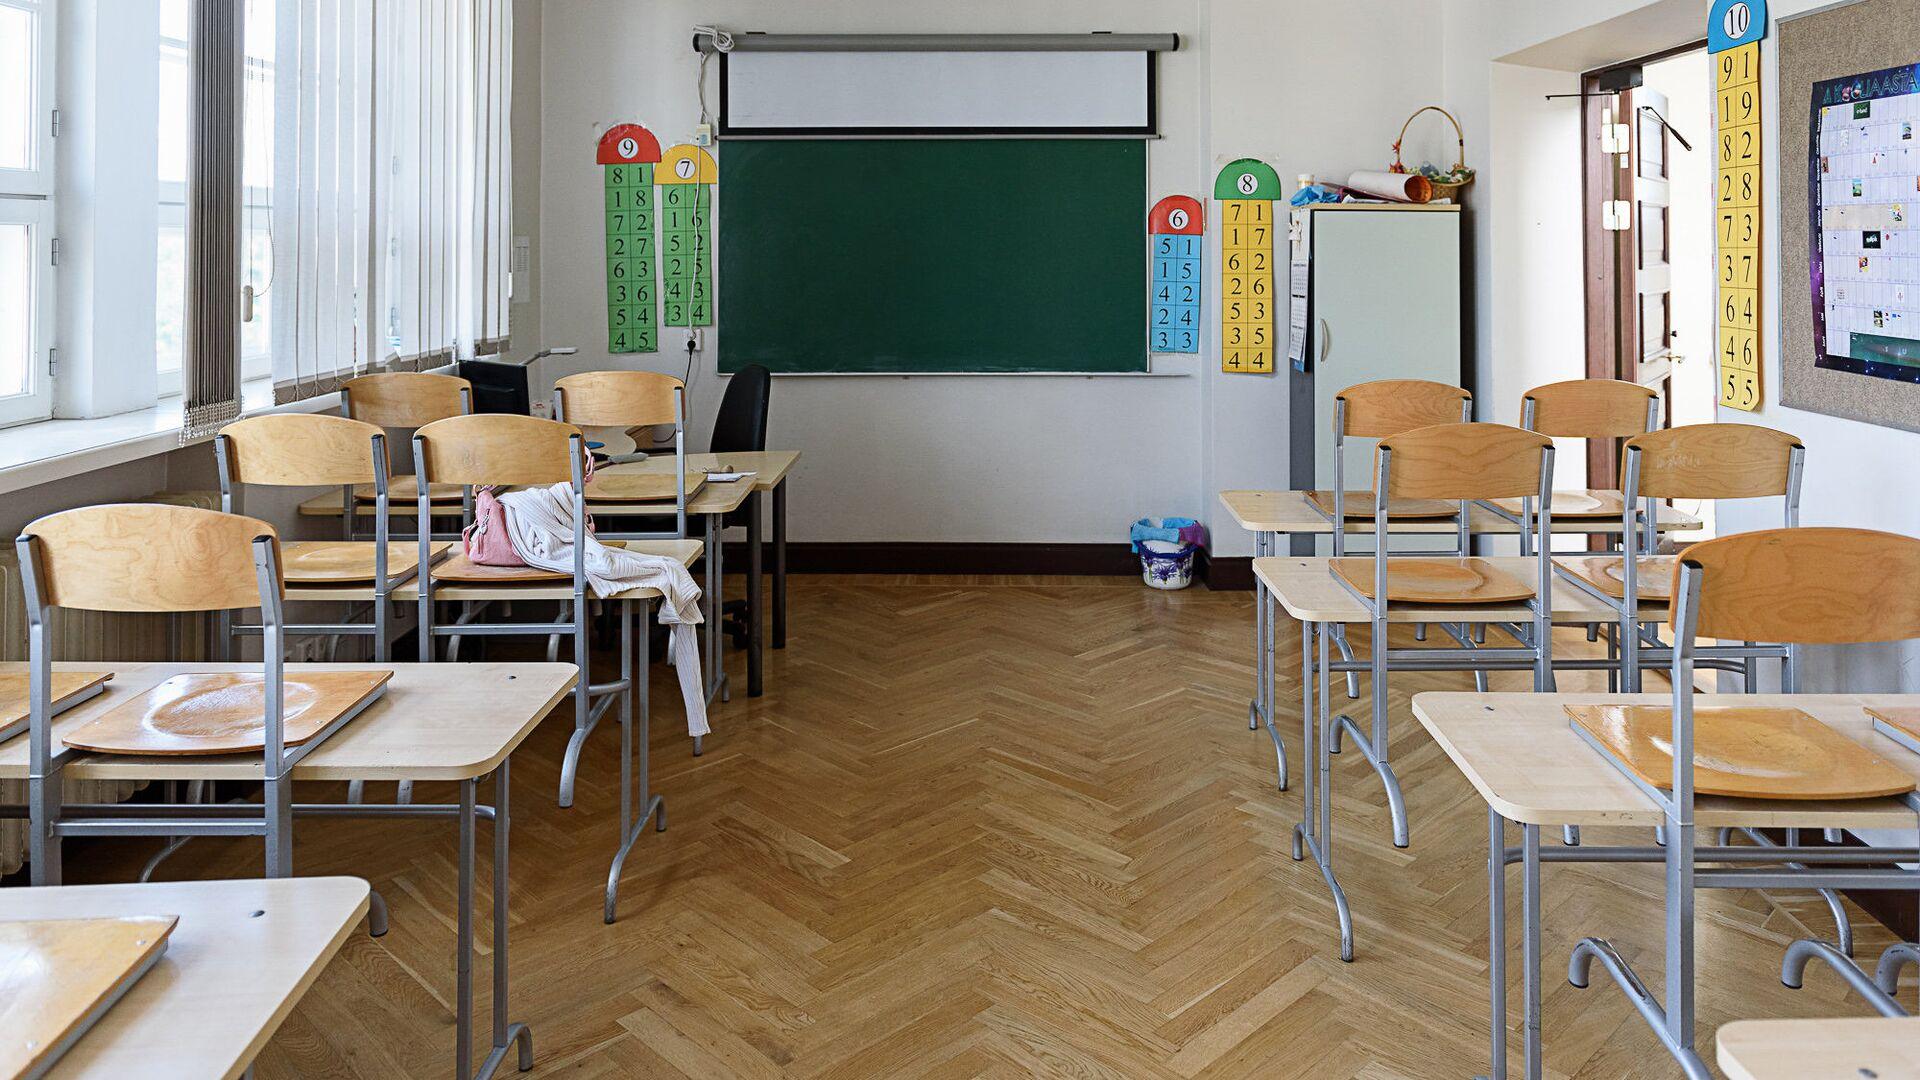 Школьный класс. - Sputnik Latvija, 1920, 22.05.2021